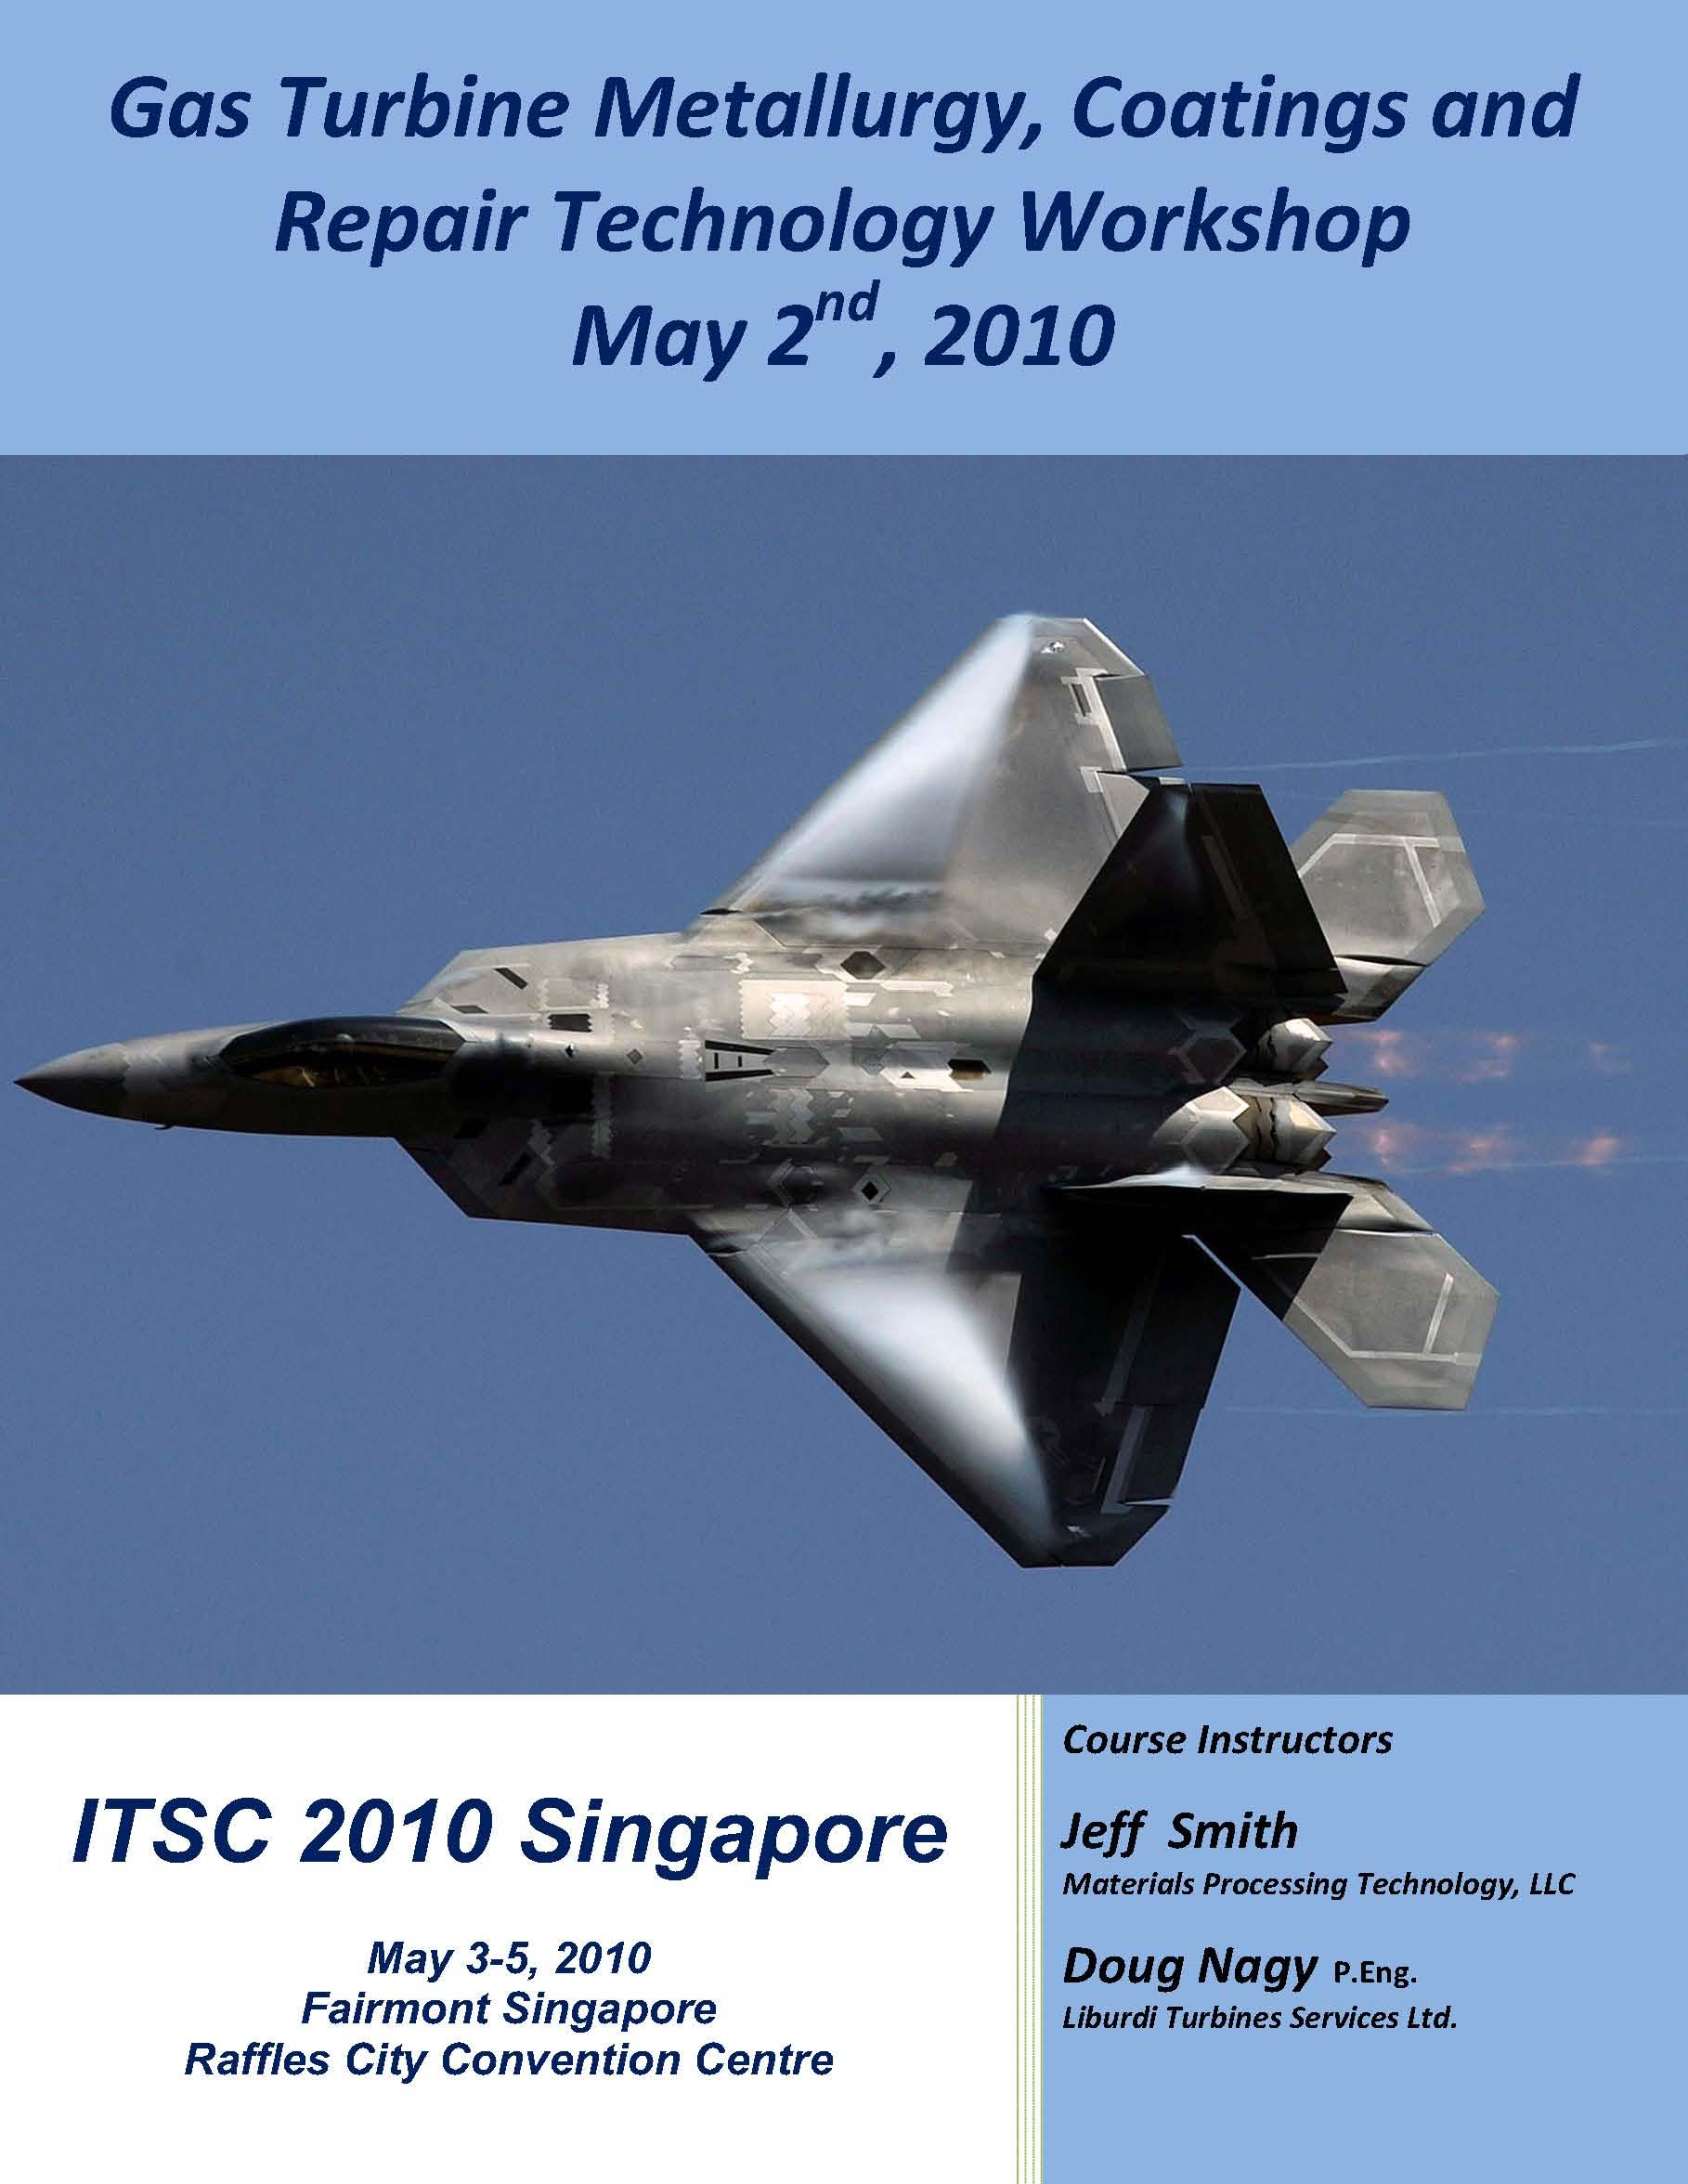 Gas Turbine Metallurgy Coatings and Repair Technology Workshop ASM ITSC 2010 website version Nov 14 09 img 0